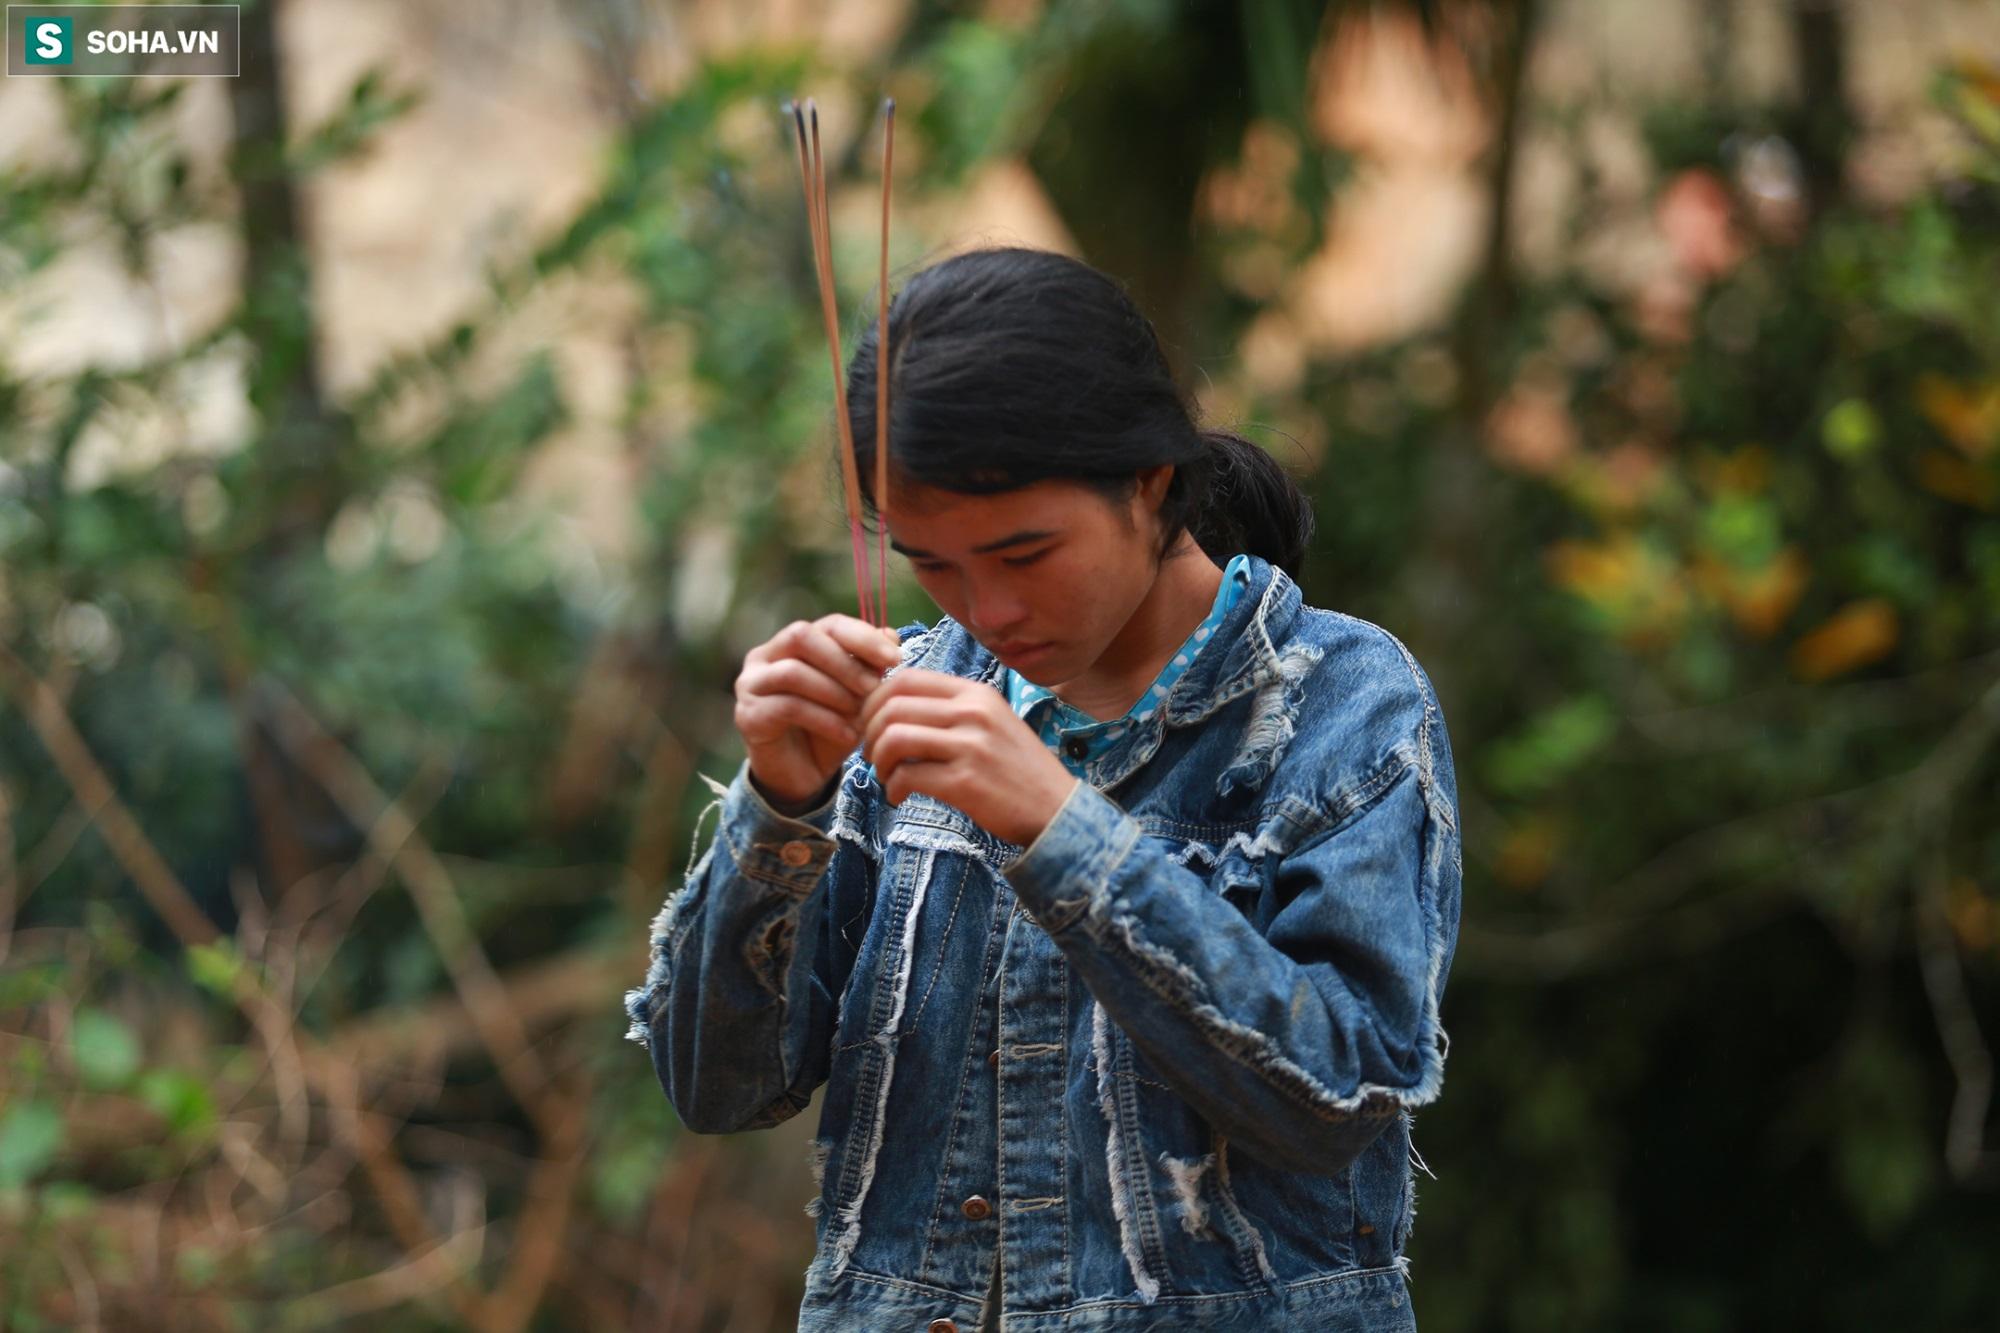 [Ảnh] Dân làng khóc nghẹn khi tìm thấy bé trai 10 tháng tuổi dưới lớp bùn đất vụ sạt lở ở Trà Leng - Ảnh 17